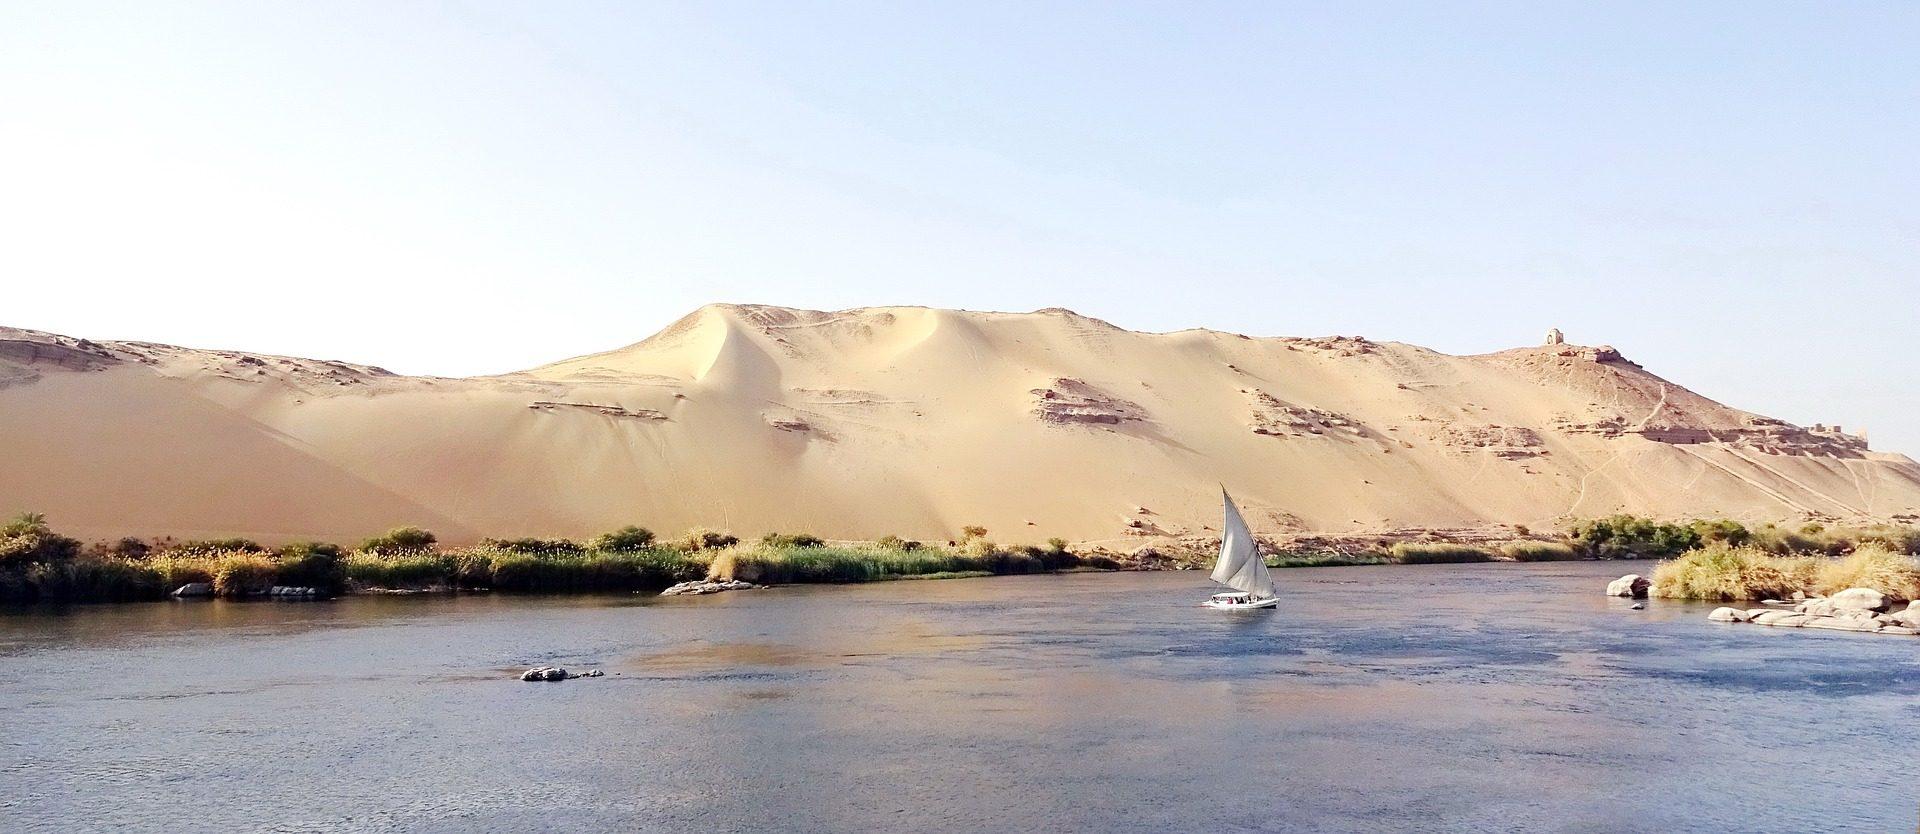 Nilkreuzfahrt und Badeurlaub Wüste